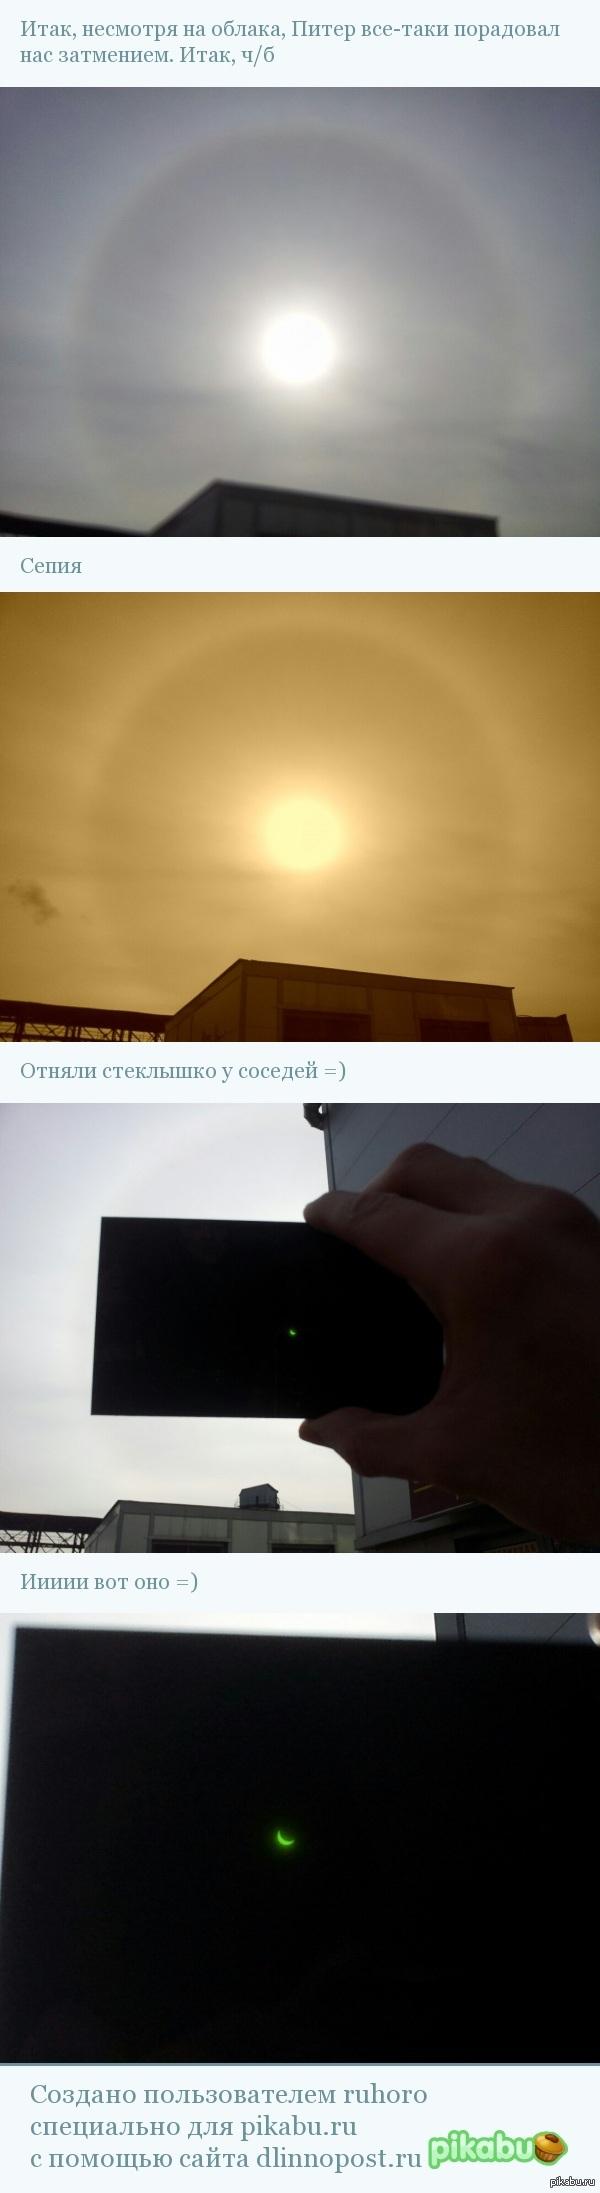 Солнечное затмение в Петербурге дождались =)